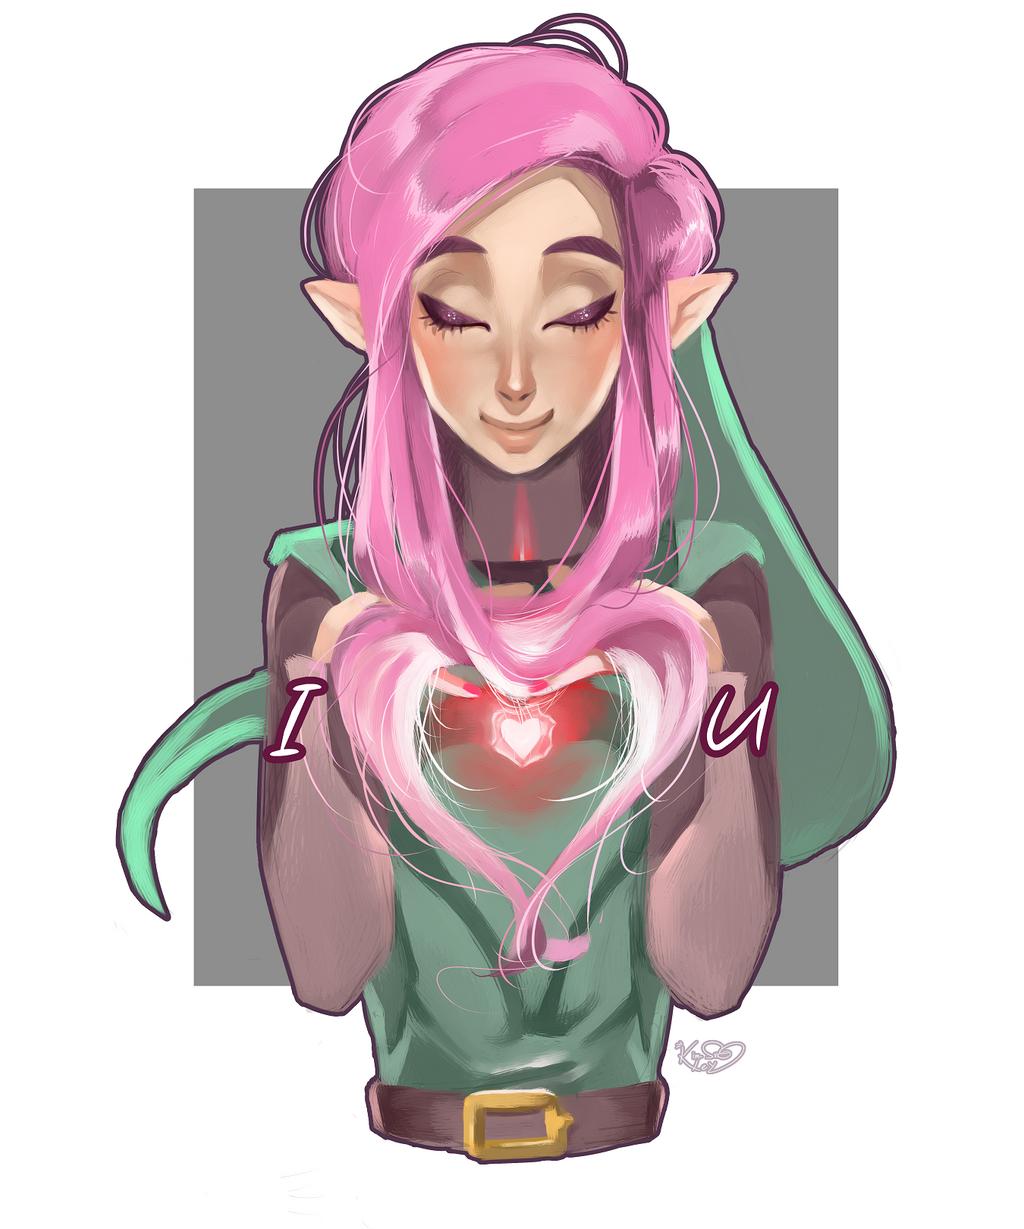 I heart you by Kim-SukLey